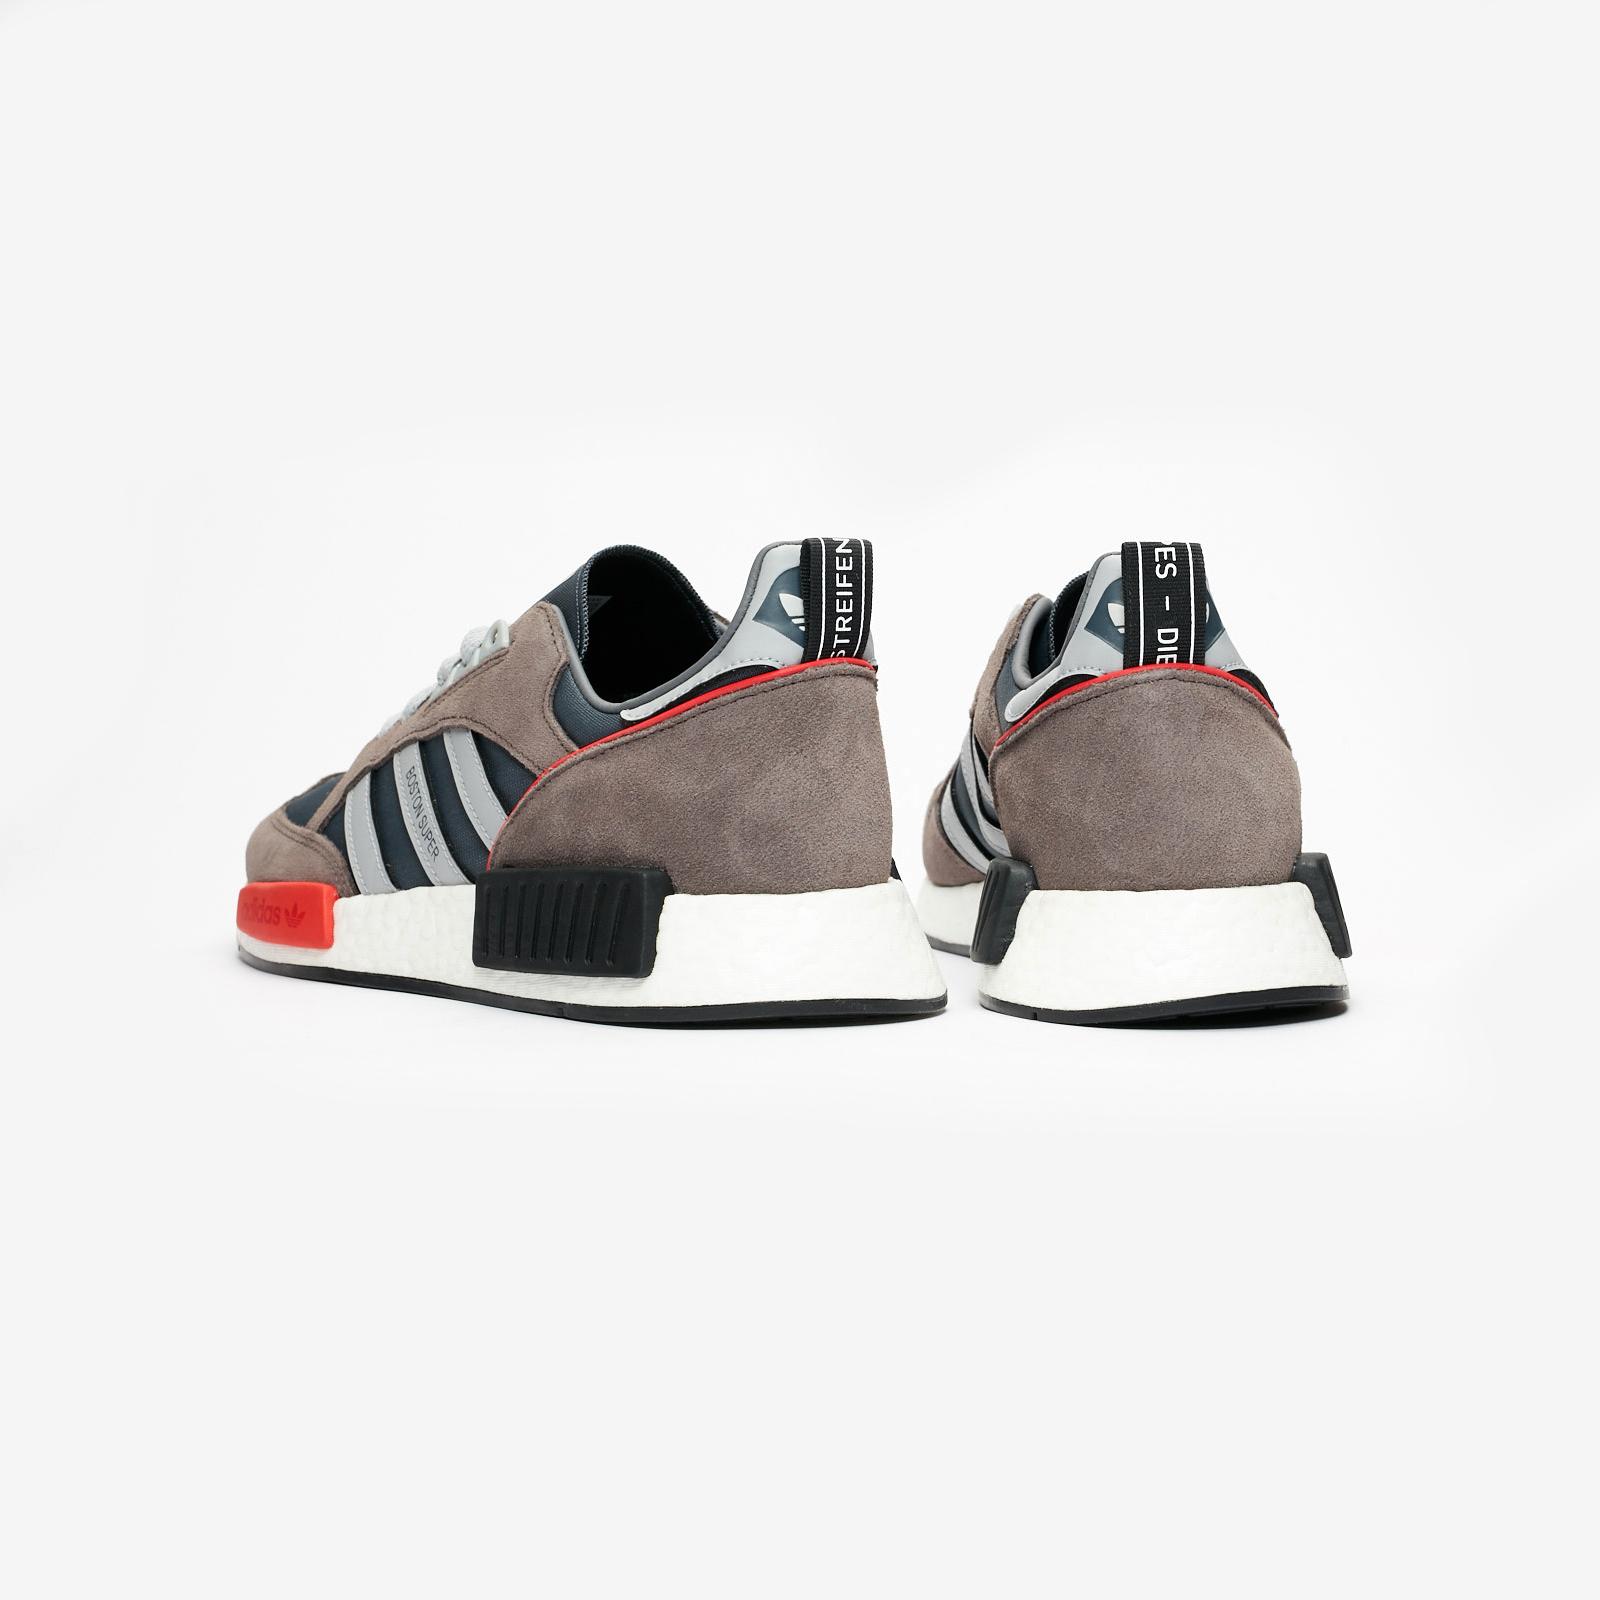 info for fdd9e d26da adidas Boston Super x R1 - G26776 - Sneakersnstuff I ...